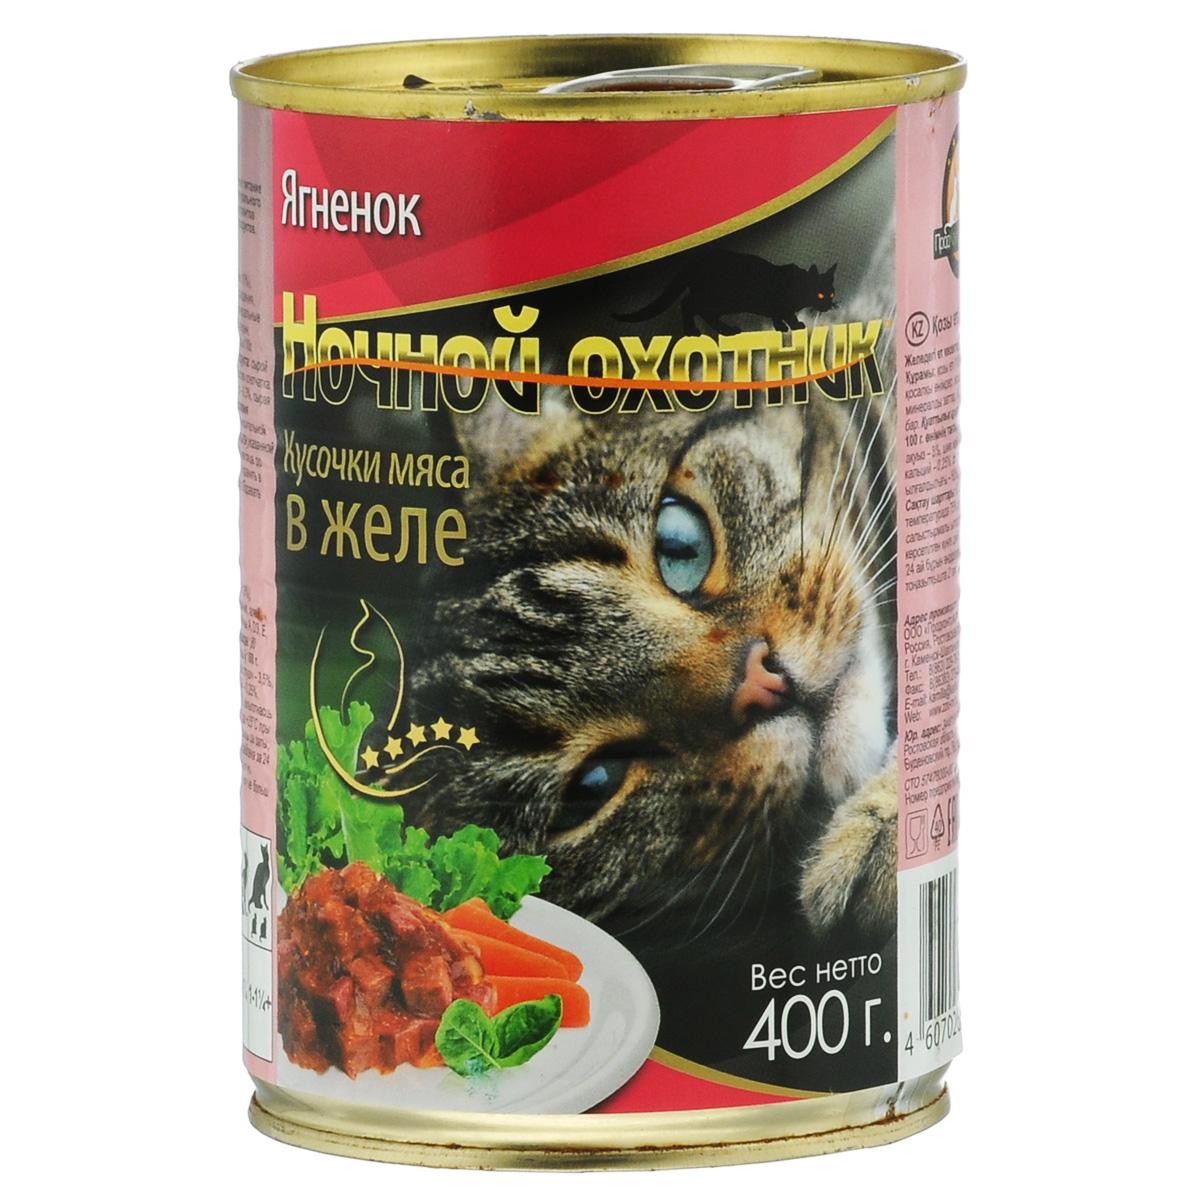 Консервы для взрослых кошек Ночной охотник, с ягненком в желе, 400 г консервы для взрослых кошек ночной охотник с курицей в соусе 400 г